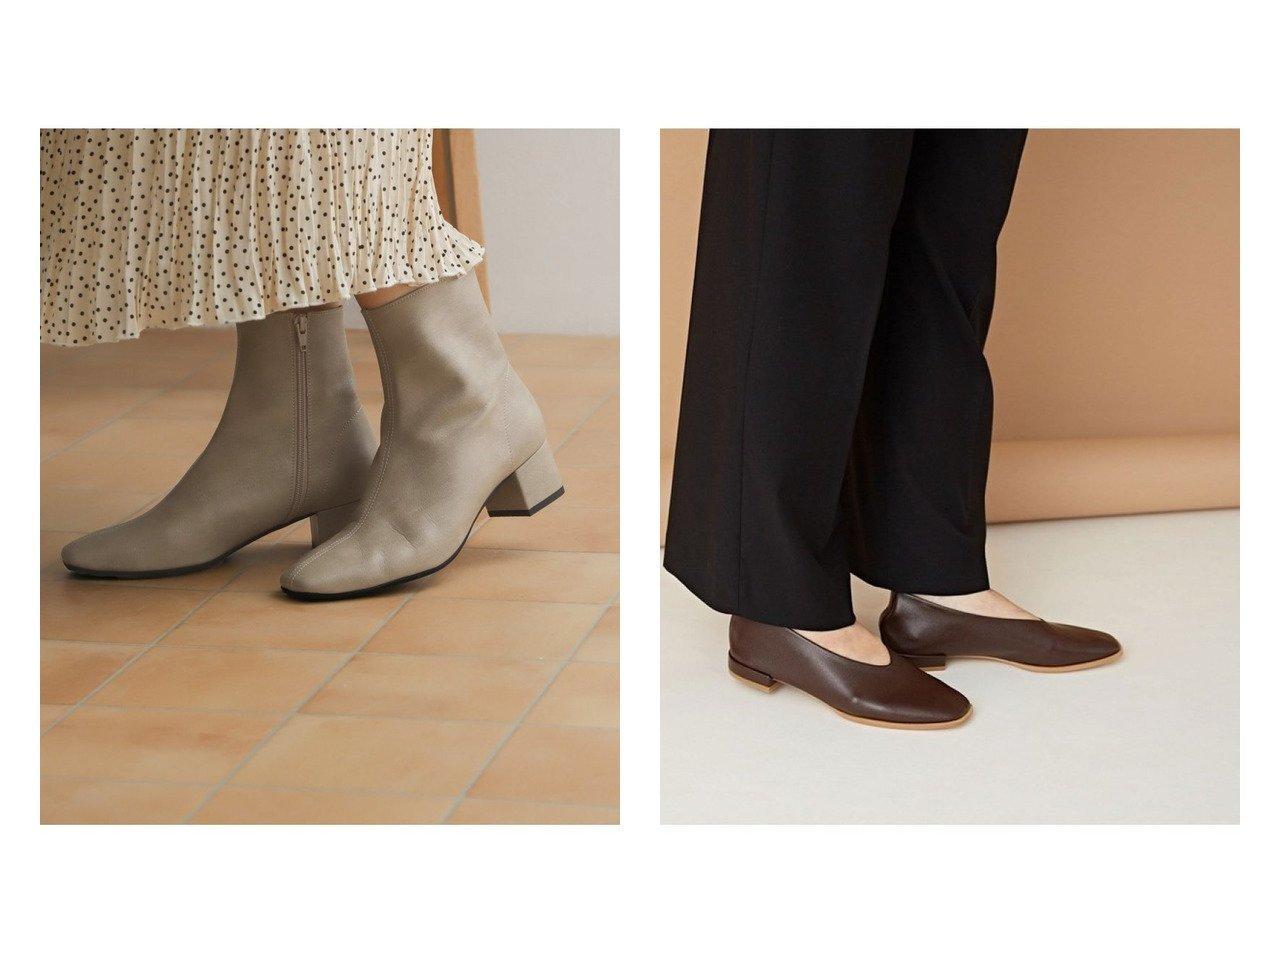 【nano universe/ナノ ユニバース】のスクエアトゥフラットシューズ&【URBAN RESEARCH DOORS/アーバンリサーチ ドアーズ】のストレッチレザーショートブーツ シューズ・靴のおすすめ!人気、トレンド・レディースファッションの通販 おすすめで人気の流行・トレンド、ファッションの通販商品 メンズファッション・キッズファッション・インテリア・家具・レディースファッション・服の通販 founy(ファニー) https://founy.com/ ファッション Fashion レディースファッション WOMEN NEW・新作・新着・新入荷 New Arrivals クッション シューズ ショート ジップ ストレッチ センター トレンド フェイクレザー ベーシック 春 Spring スクエア スタンダード フォルム フラット |ID:crp329100000015321